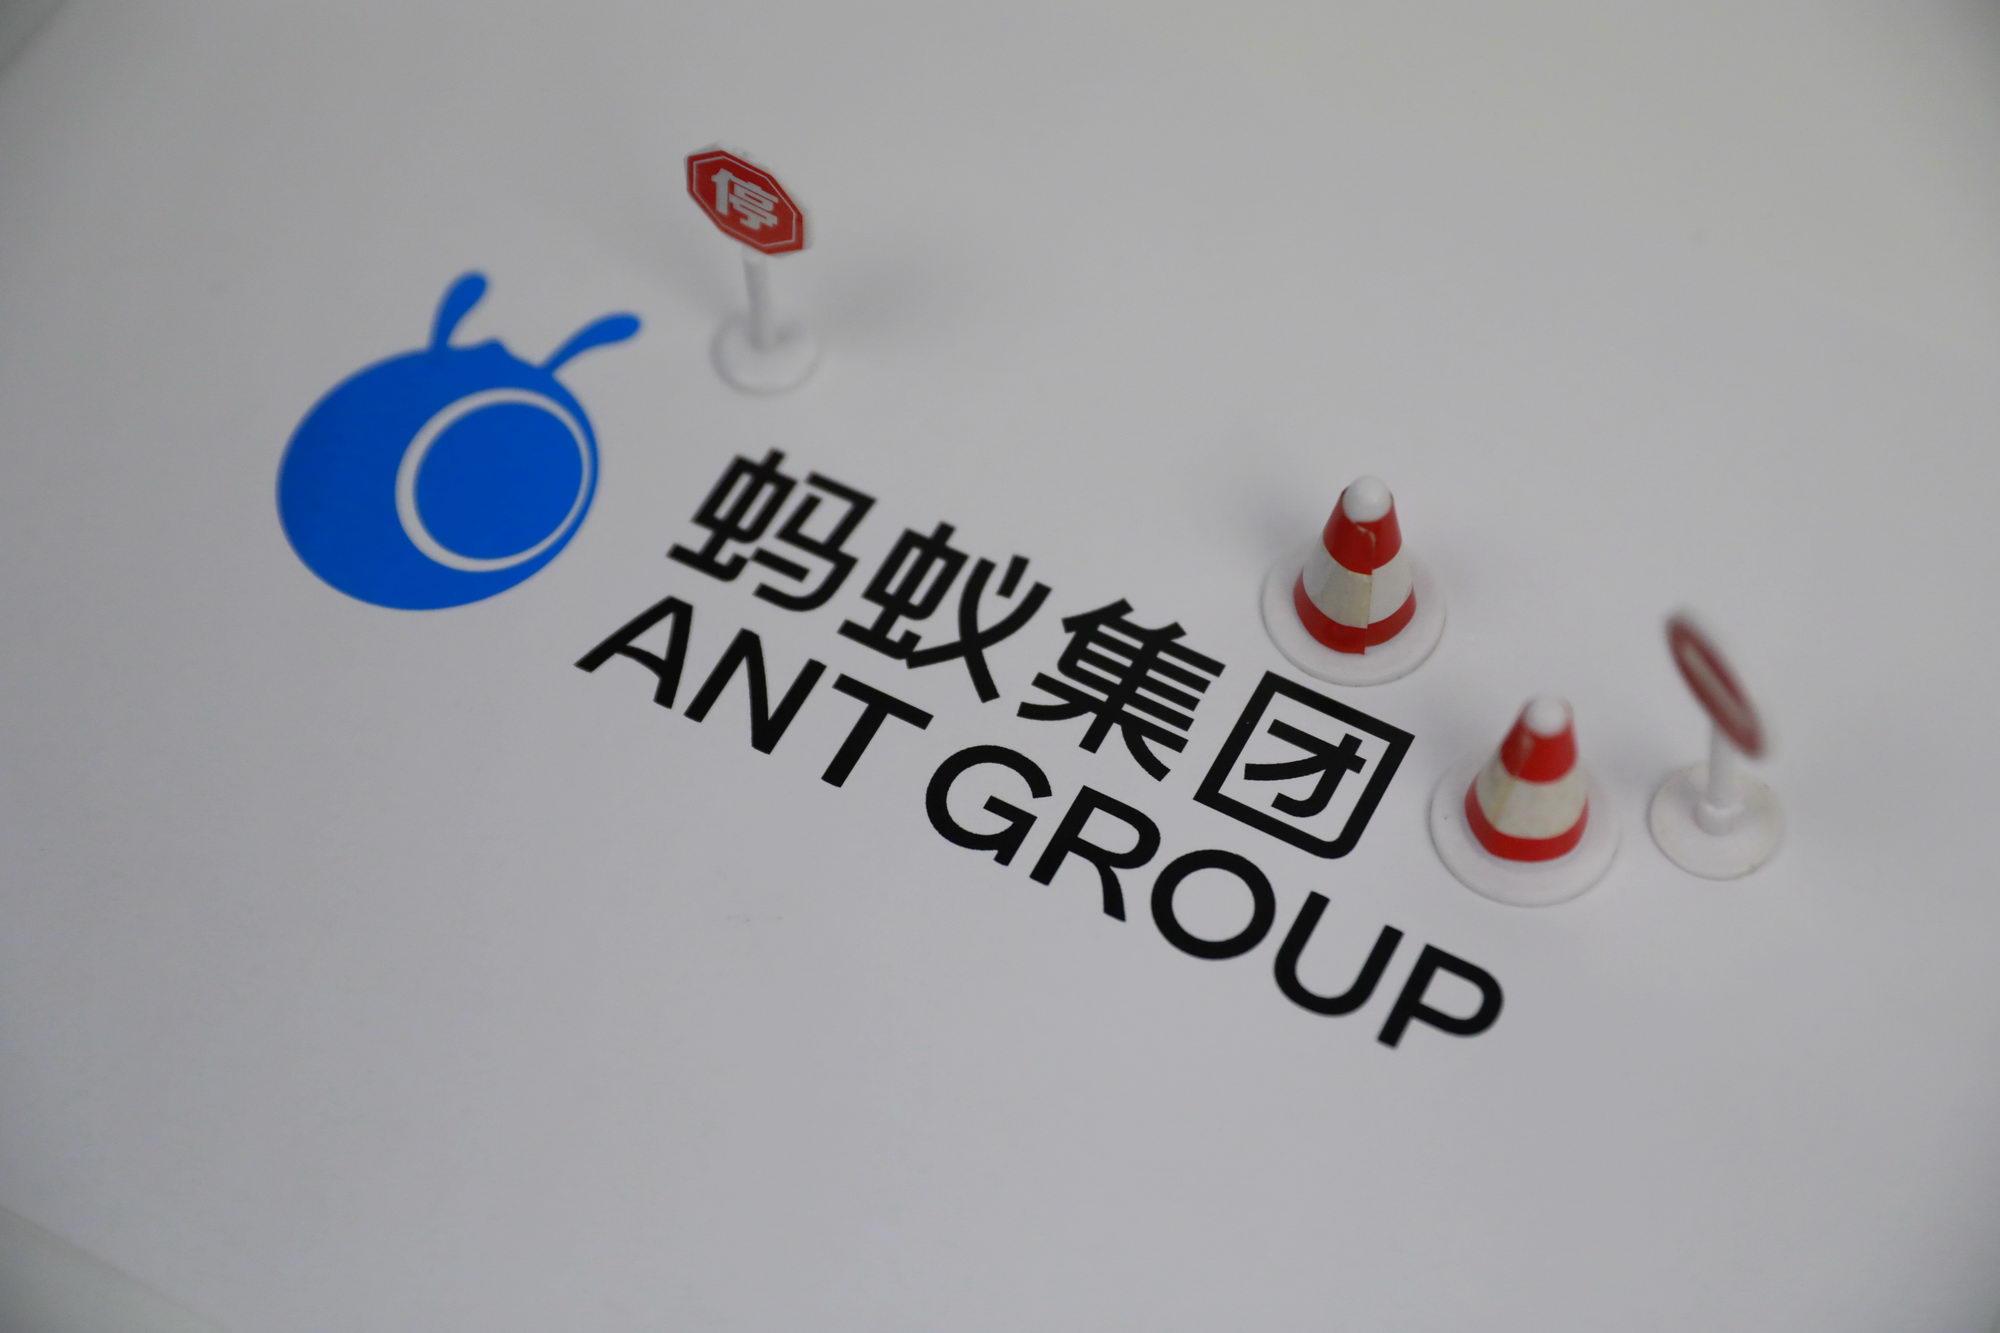 蚂蚁集团关联企业在杭州新成立科技公司